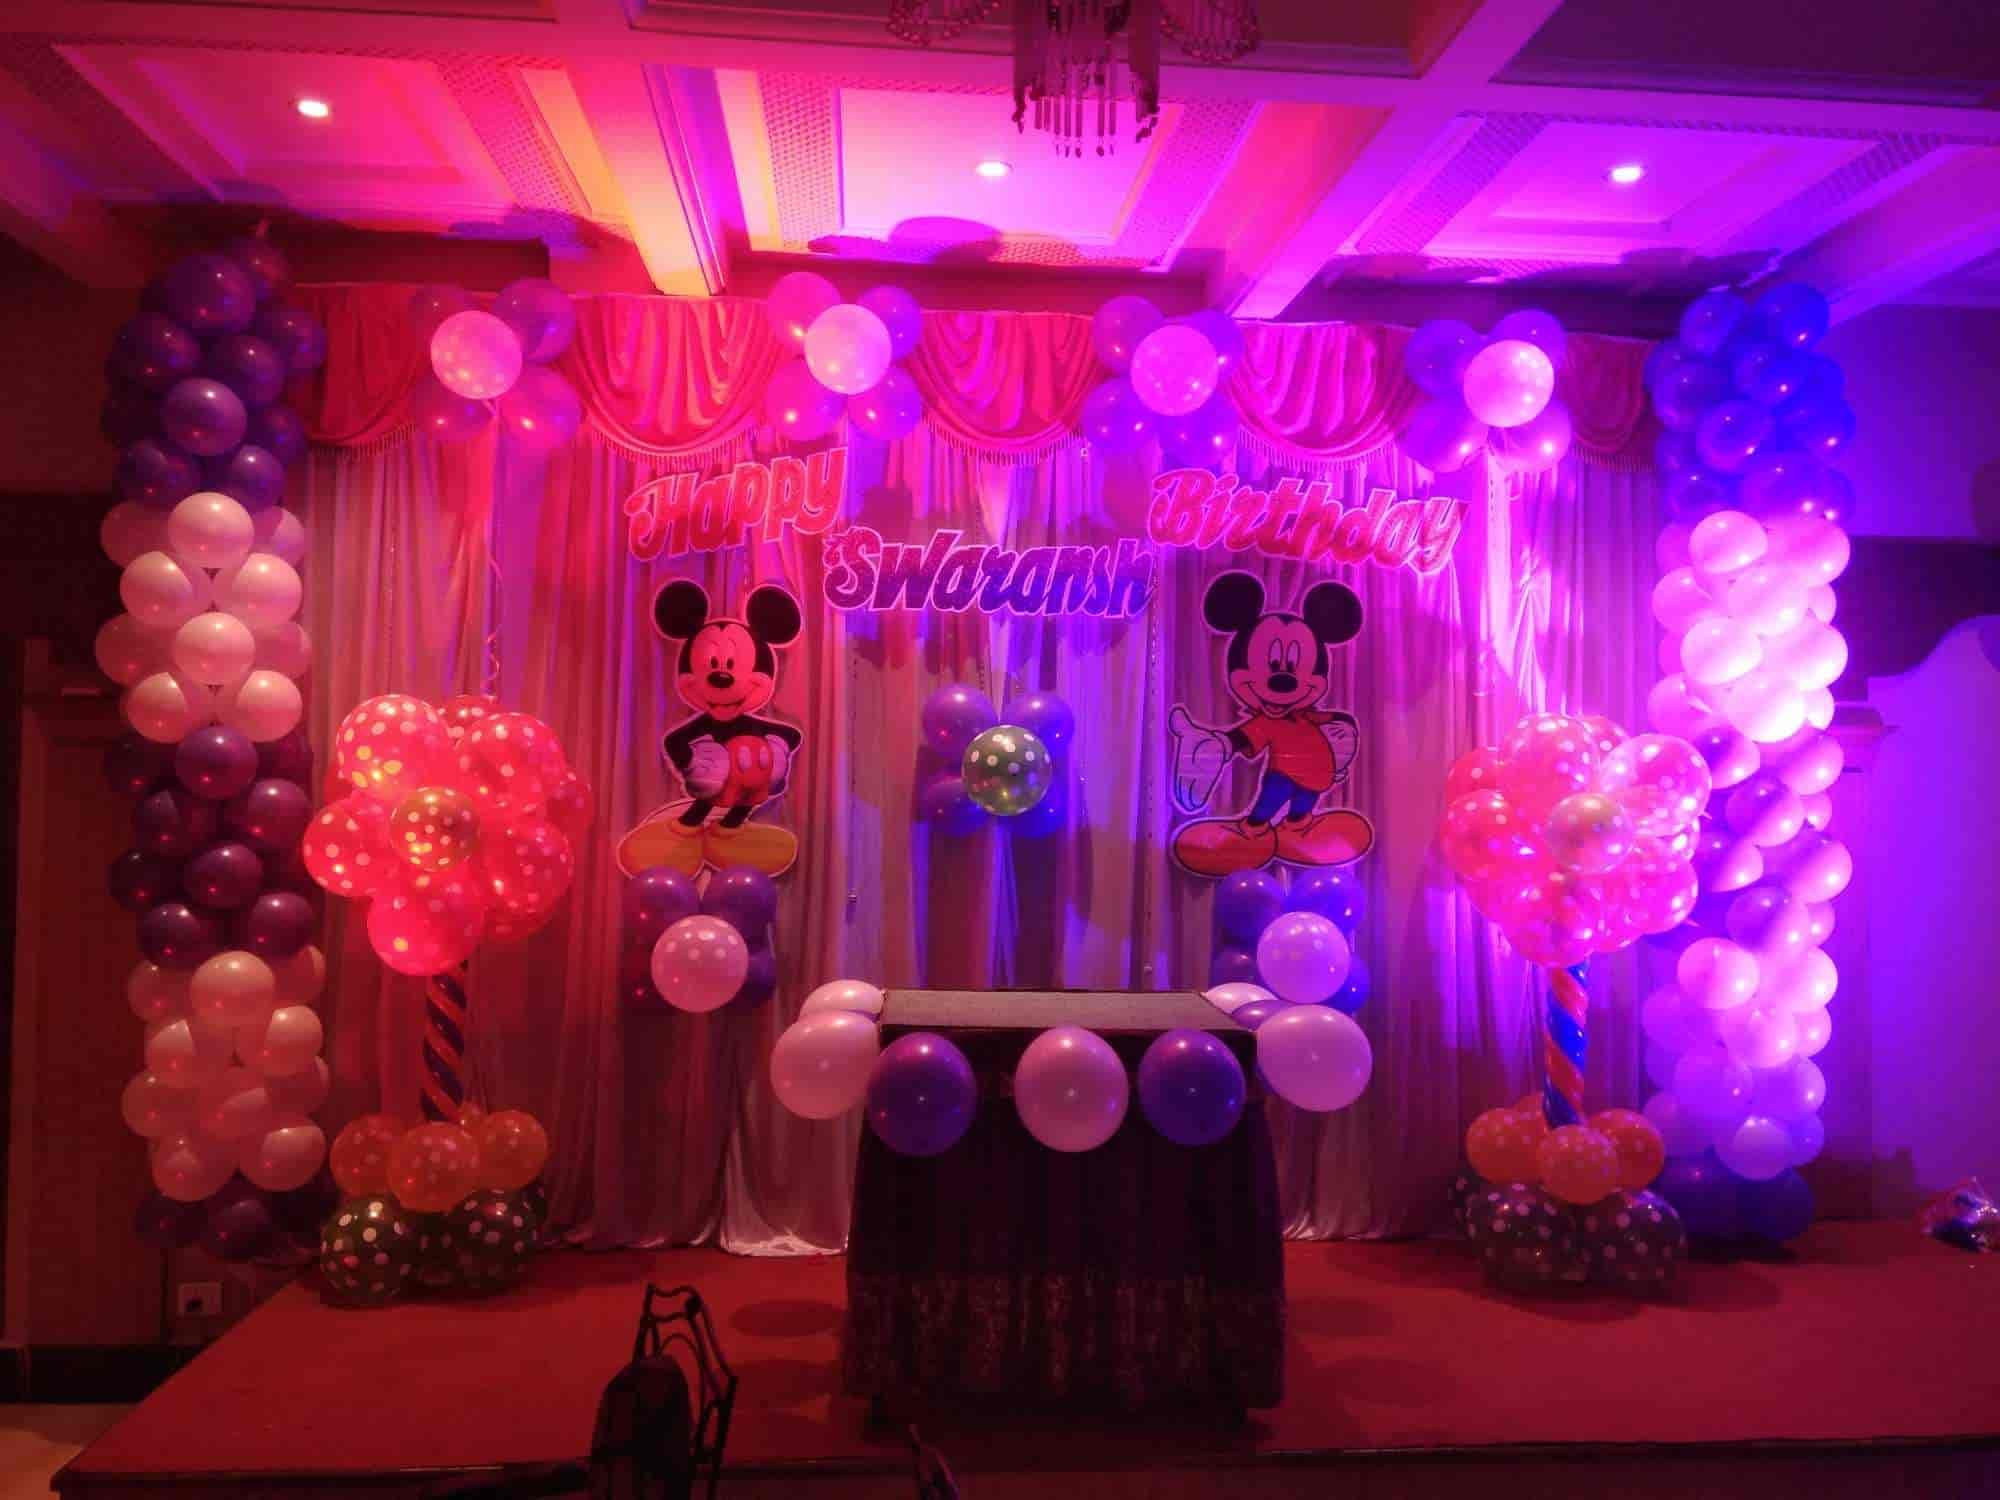 Chaina Balloon Decoration Birthday Party Events Chandrapur City